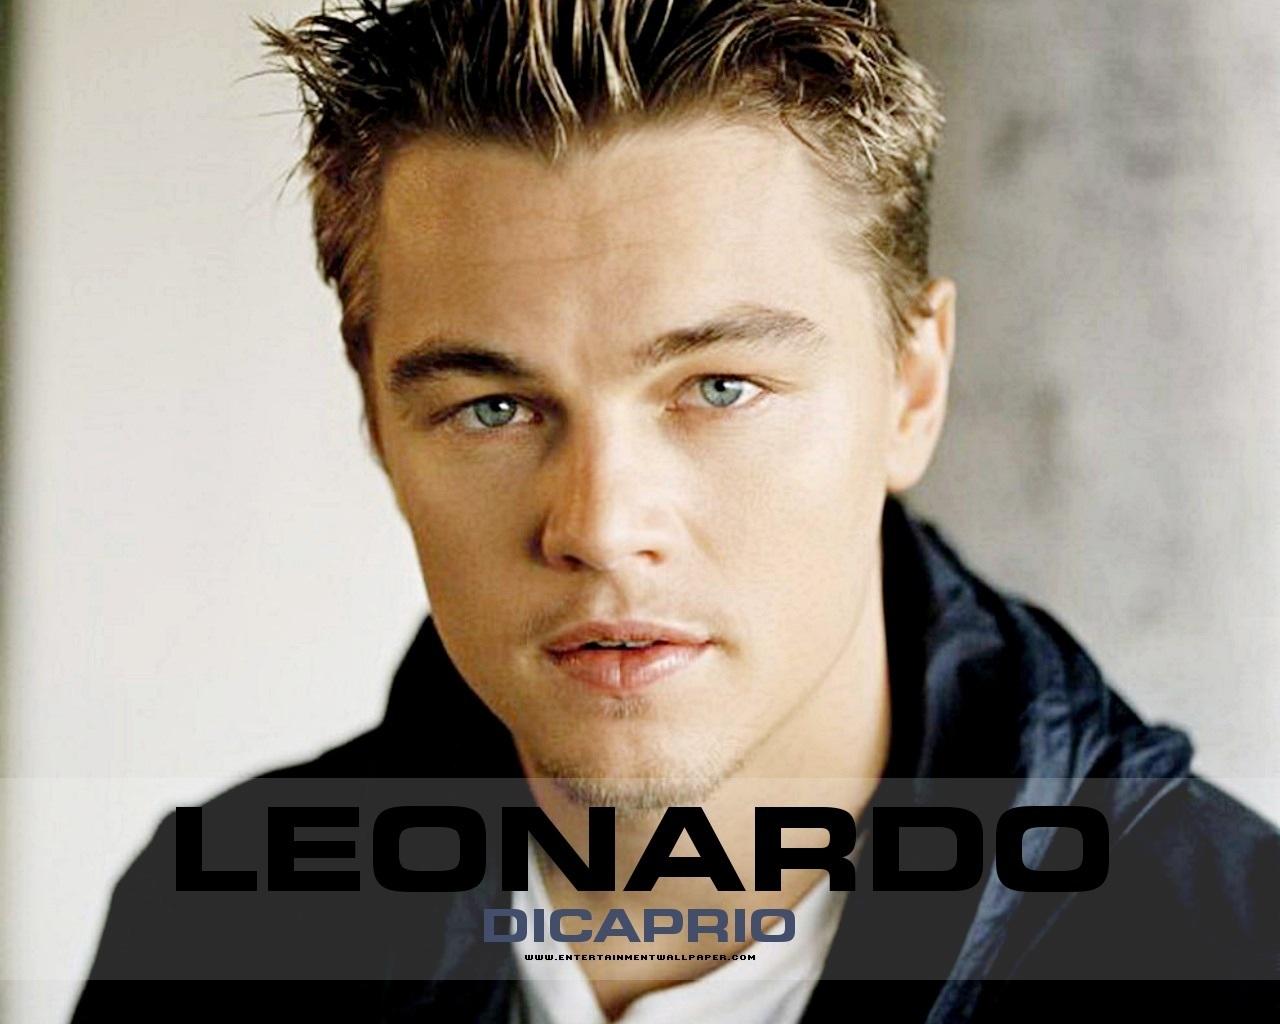 http://2.bp.blogspot.com/-Im5Al2z0jJo/T9P3JBQeZoI/AAAAAAAAADo/JMKRW2Q1m0Y/s1600/Leonardo-leonardo-dicaprio-3324862-1280-1024.jpg